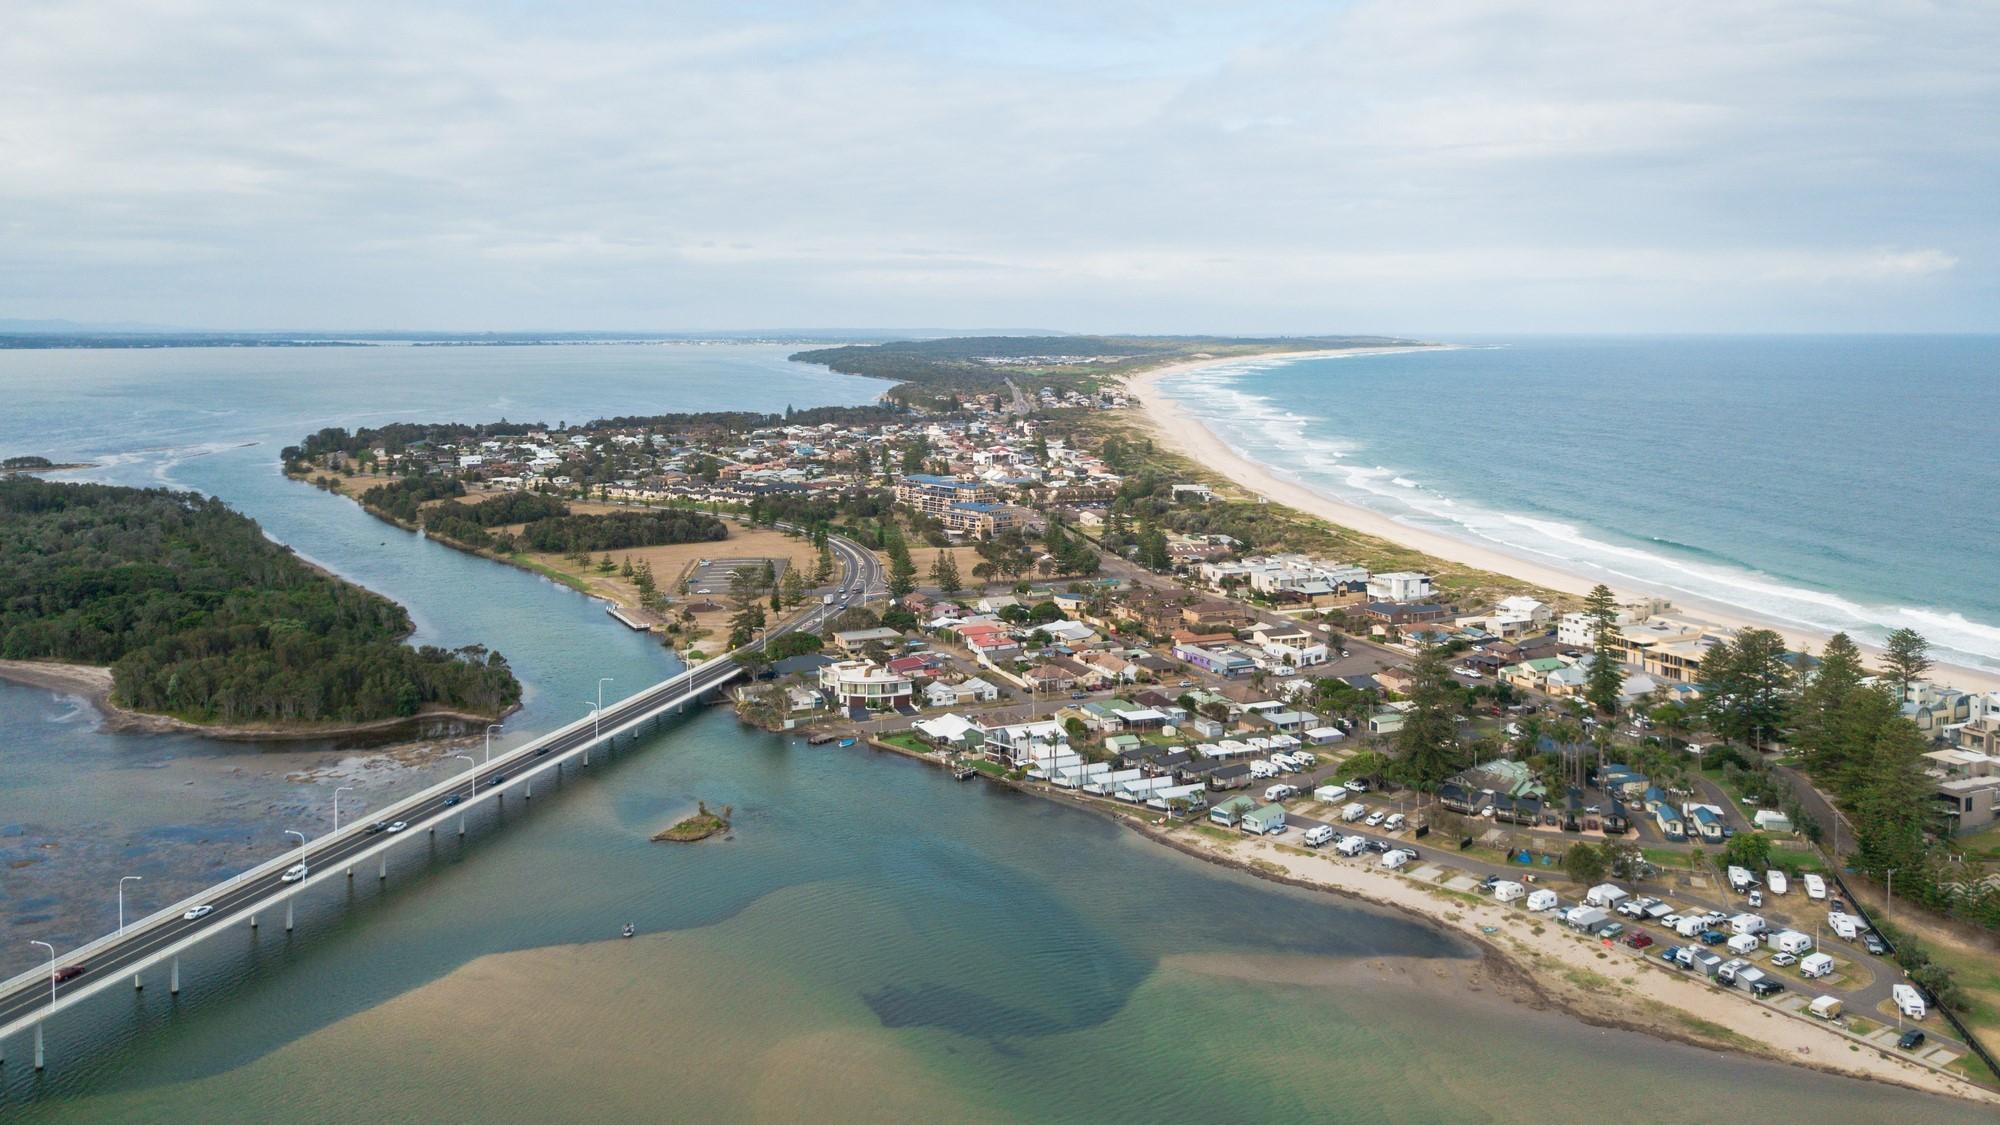 Suez Central Coast Suez Australia New Zealand